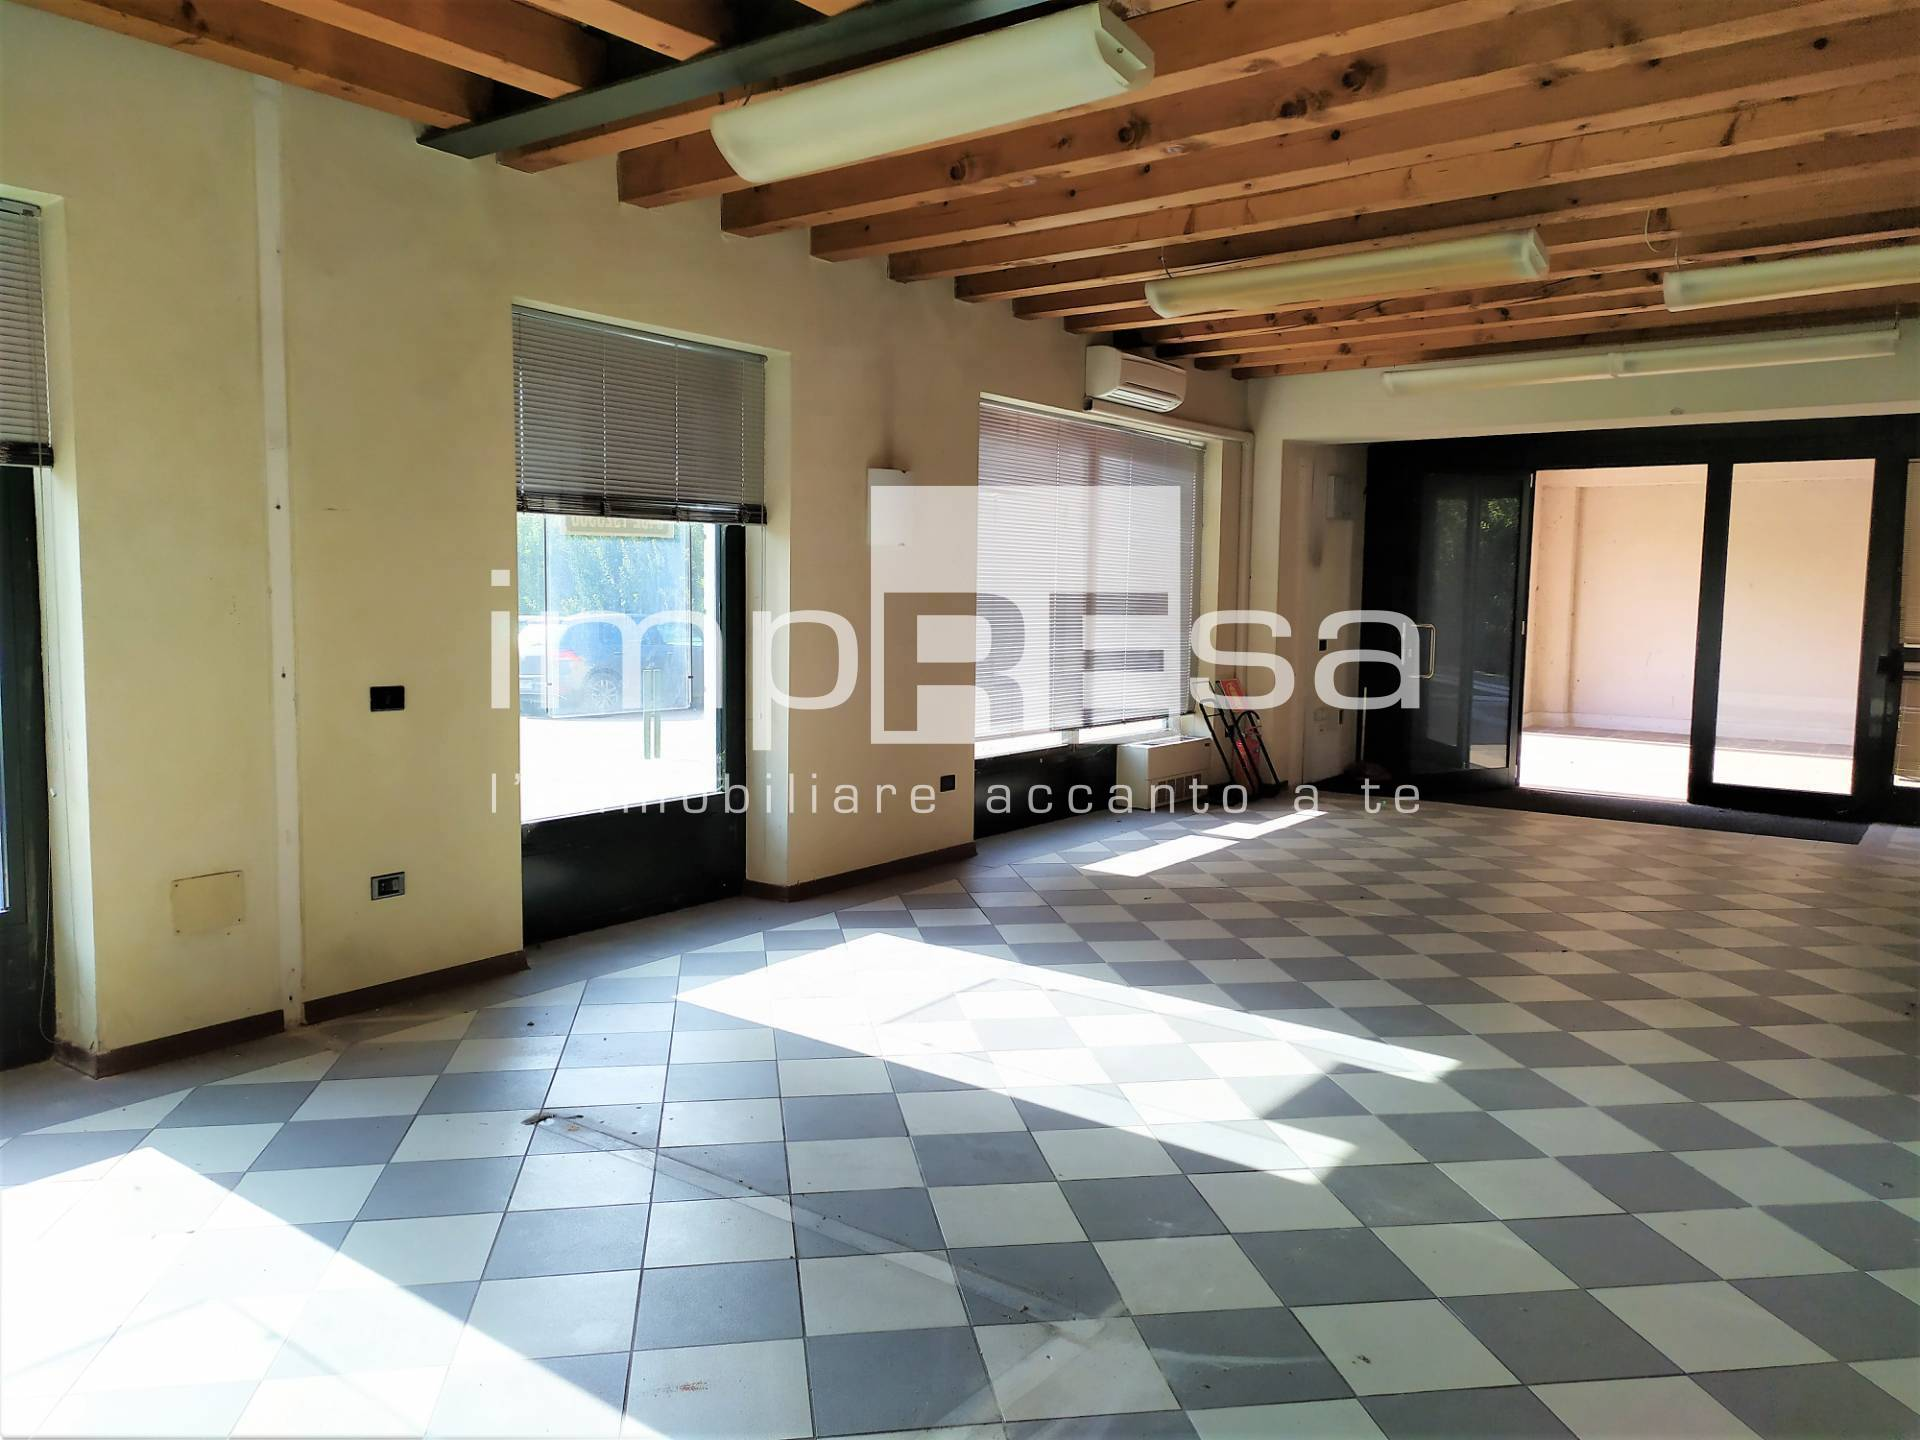 Negozio / Locale in vendita a Pieve di Soligo, 9999 locali, zona Zona: Barbisano, prezzo € 260.000 | CambioCasa.it